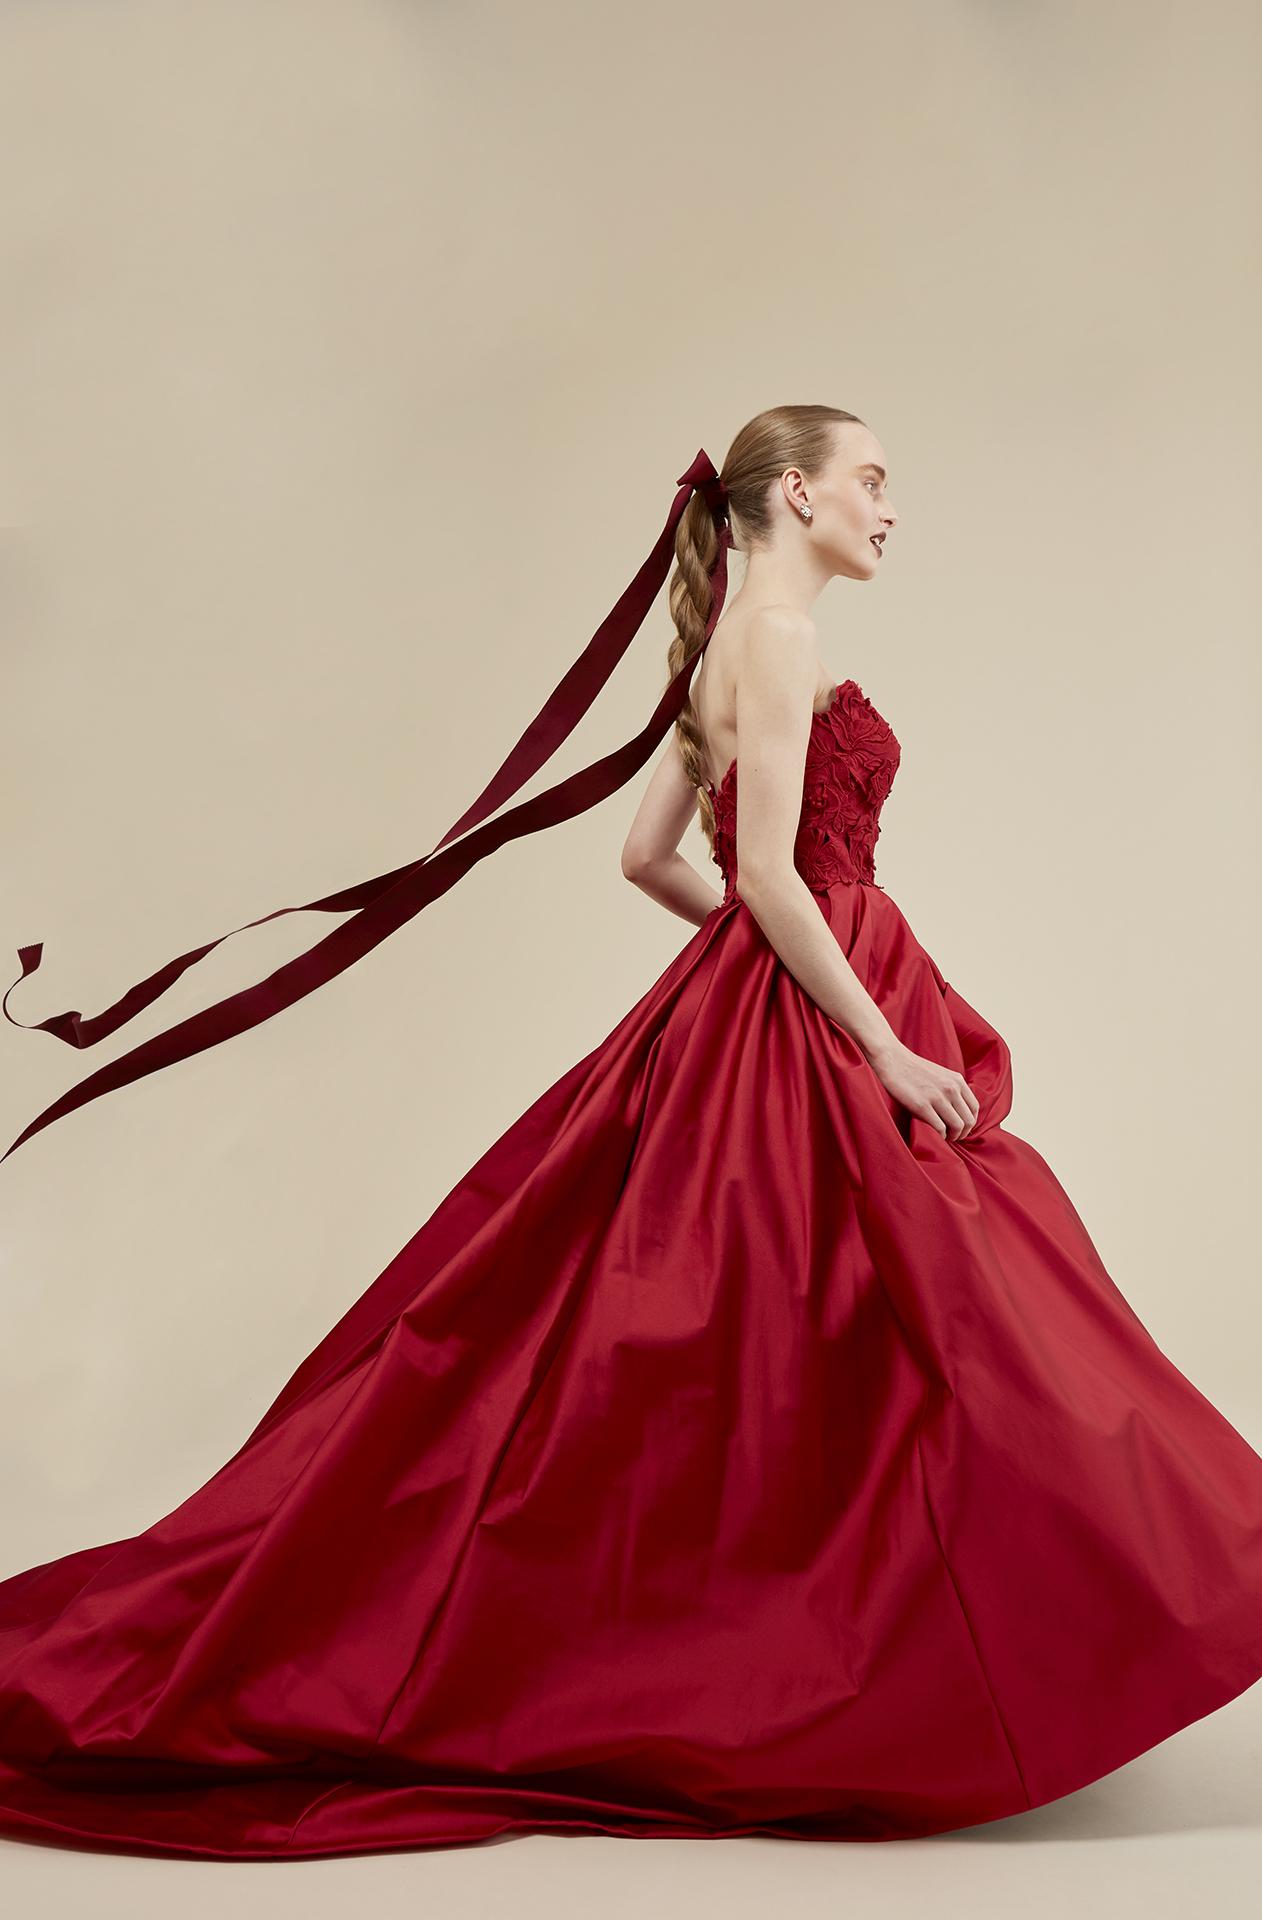 トリートオリジナルカラードレスのご紹介。人気の赤色のカラードレスはビスチェタイプのAラインがおすすめ。